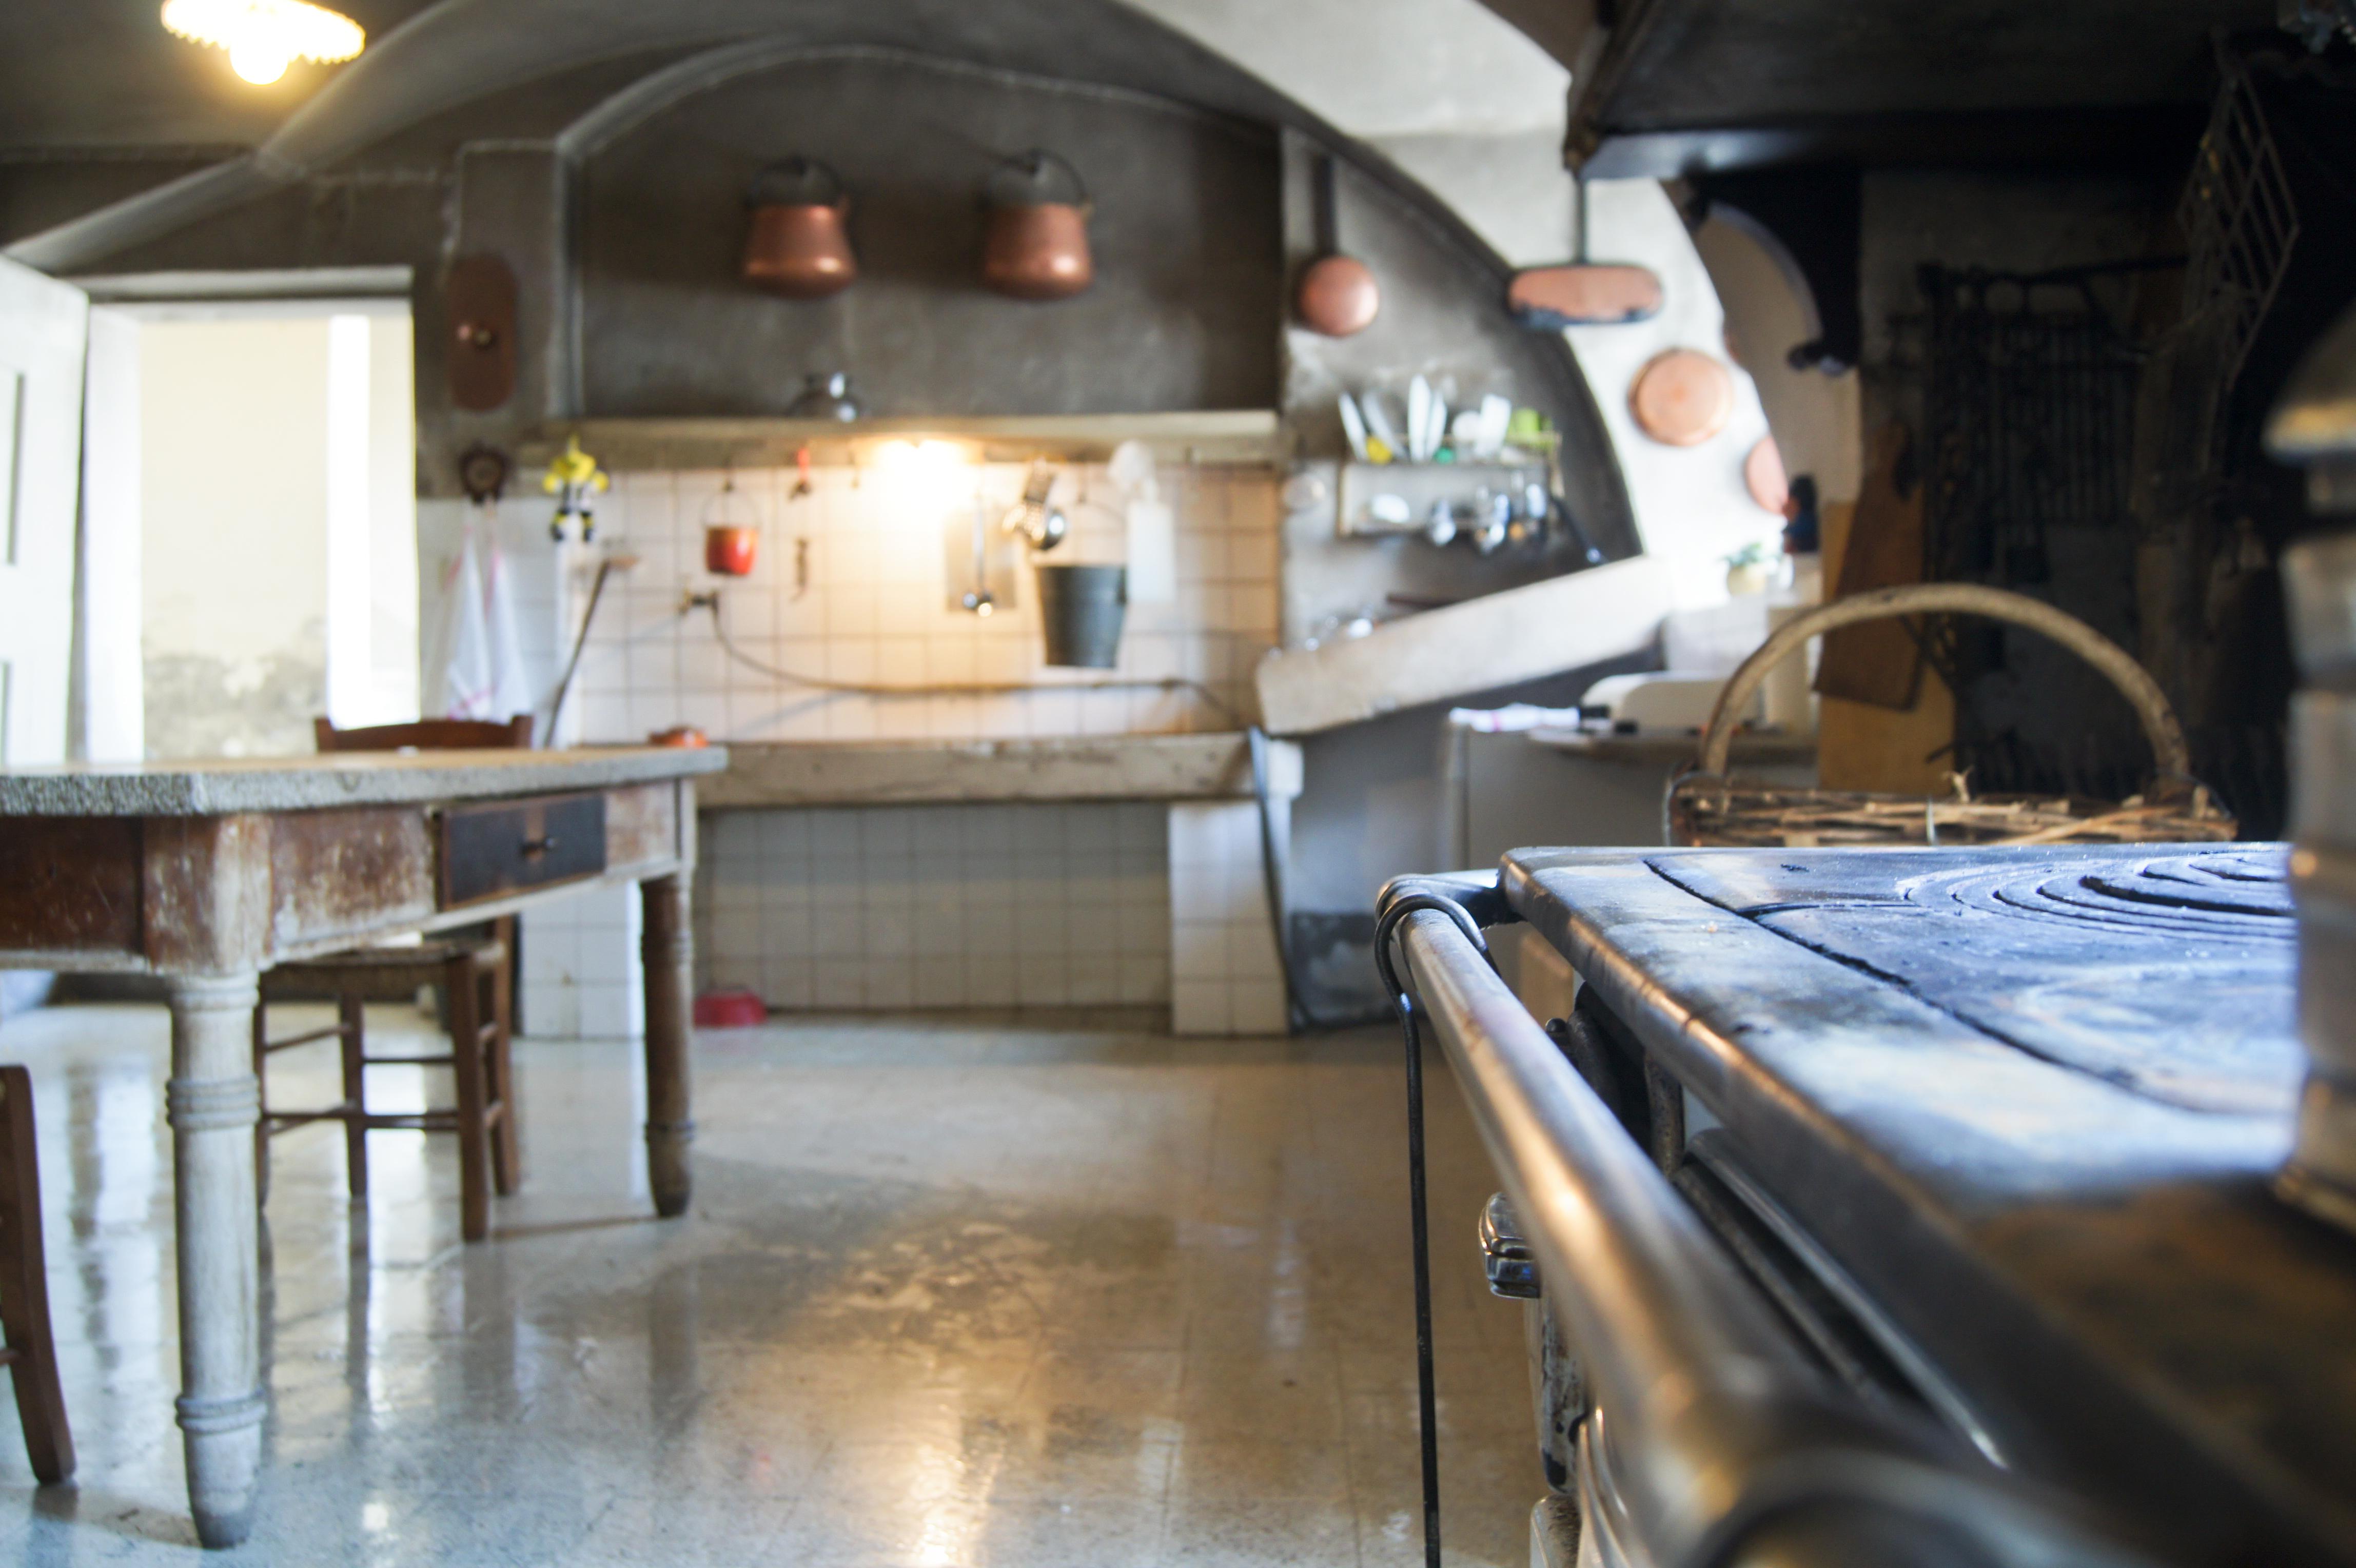 Piovene porto godi cucina e cantina - Cucina e cantina ...